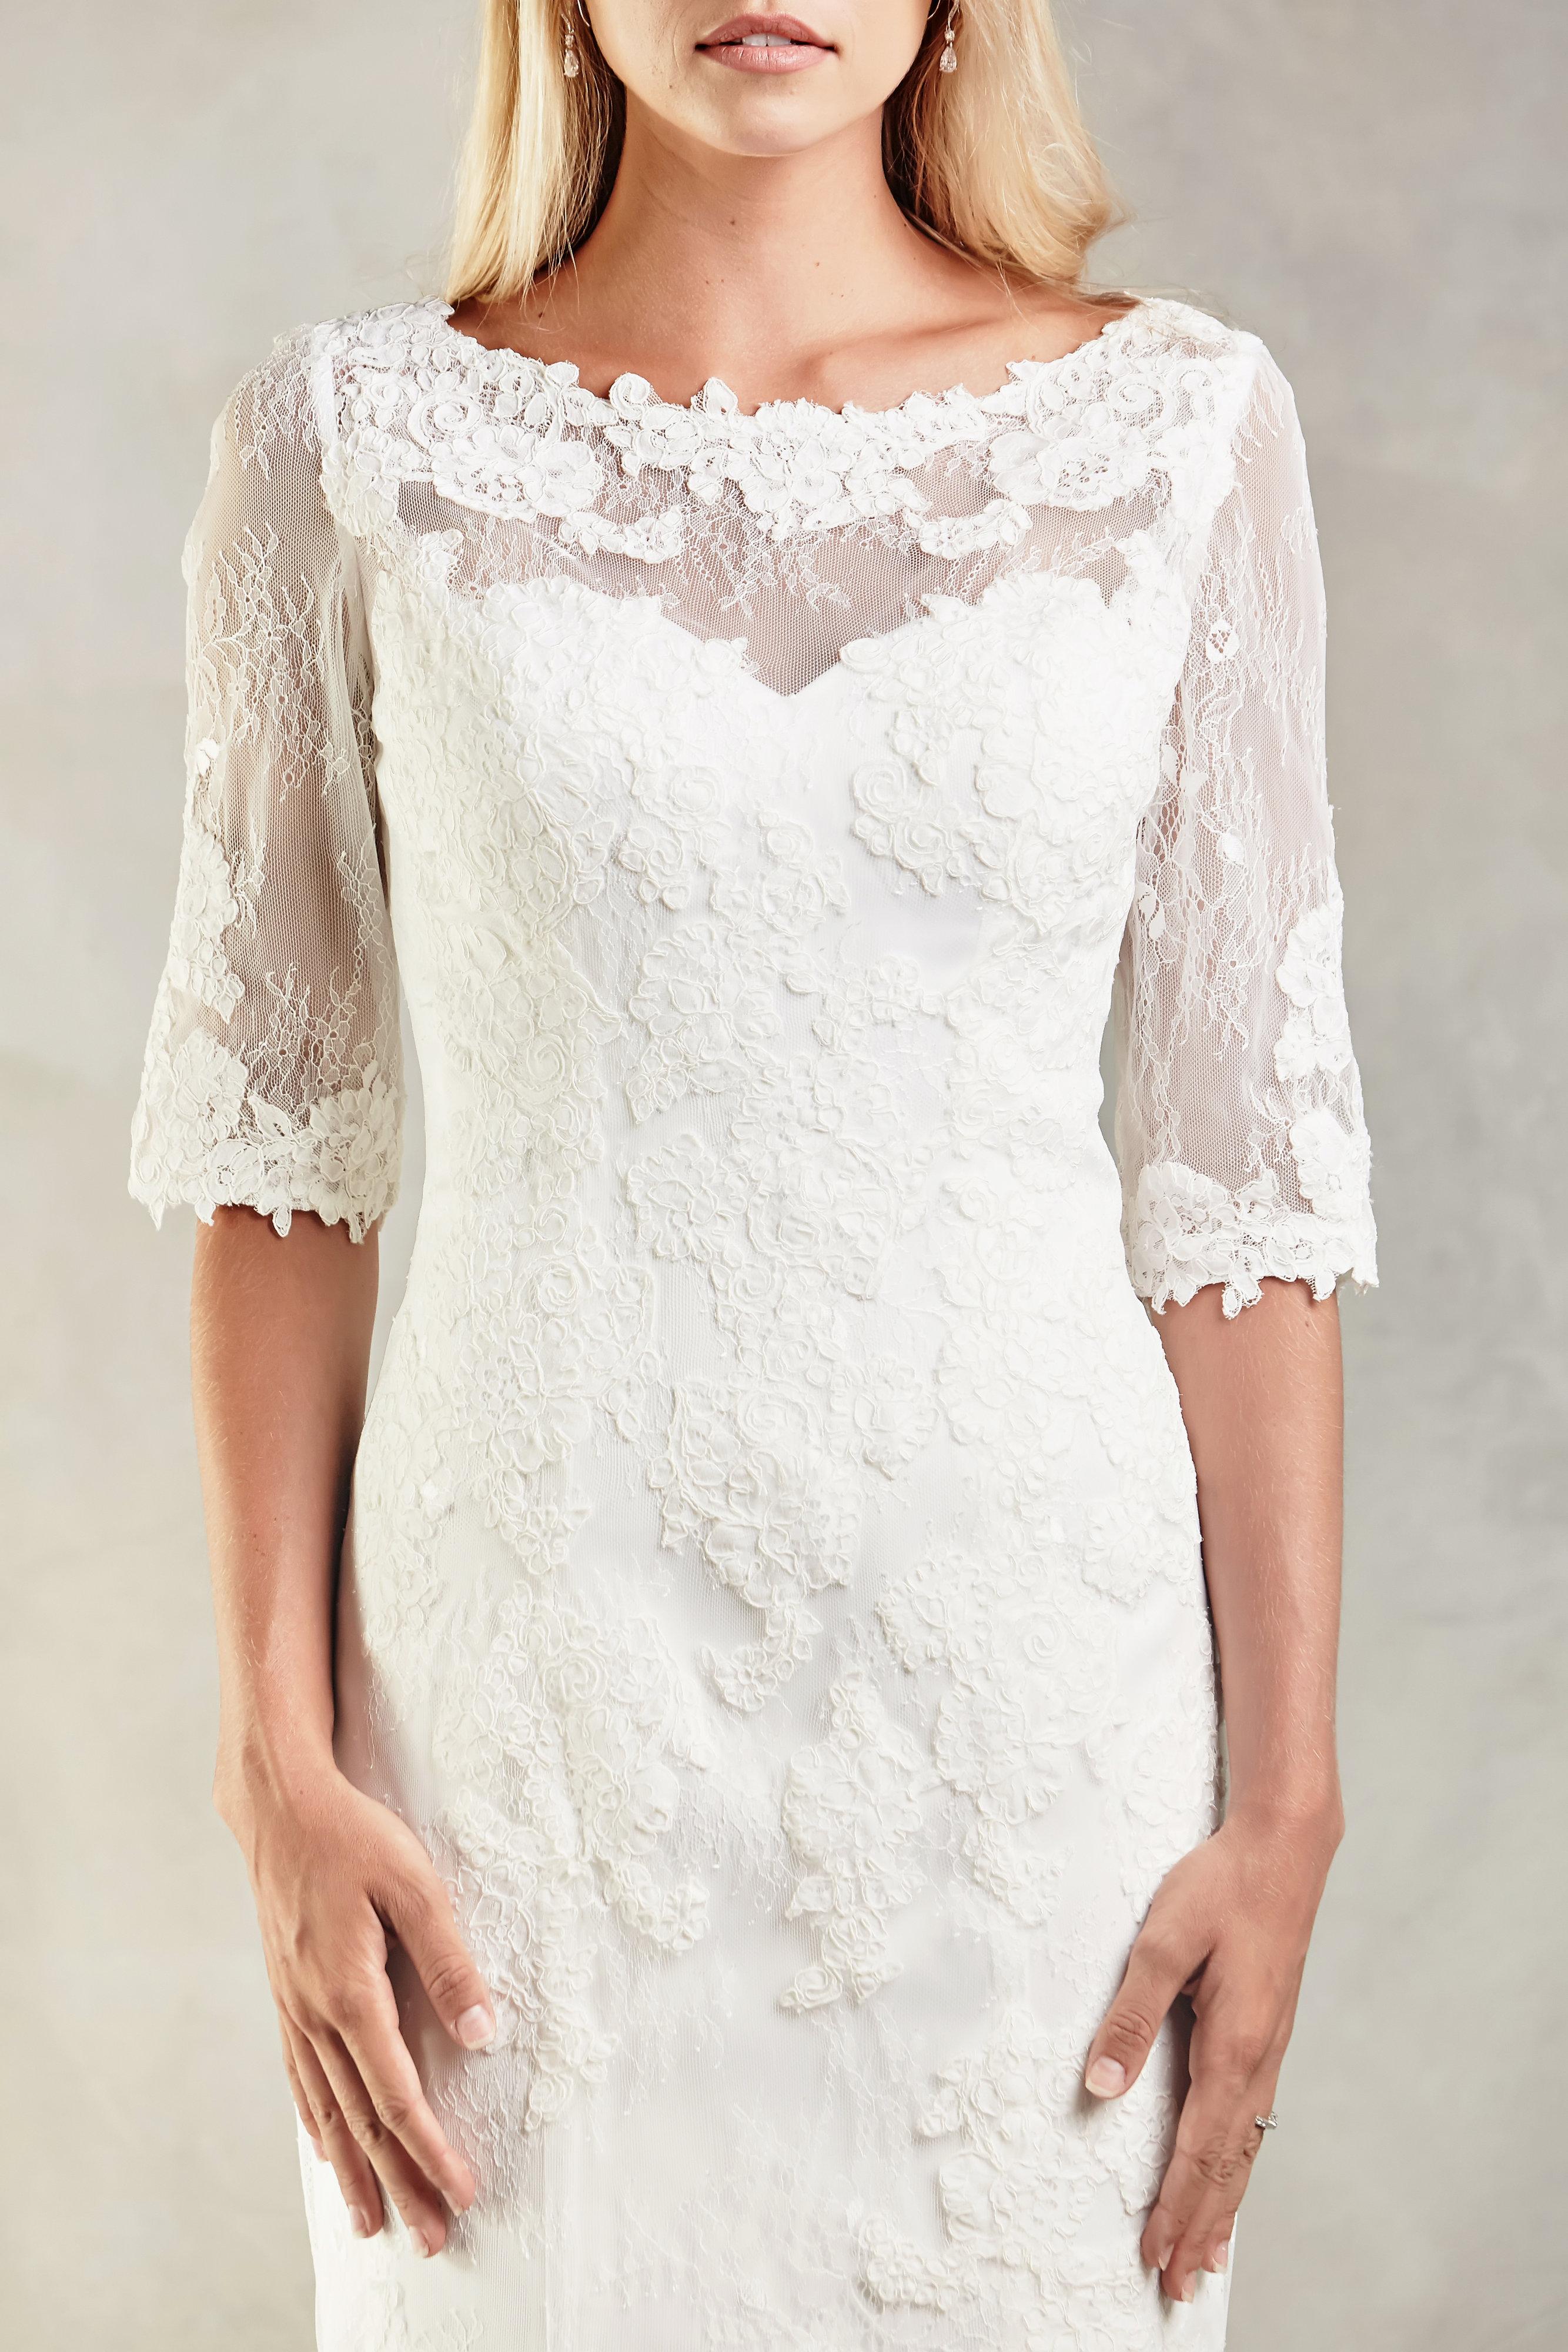 Boho Weddings Dress Style | Atlanta | Macon Weddings |